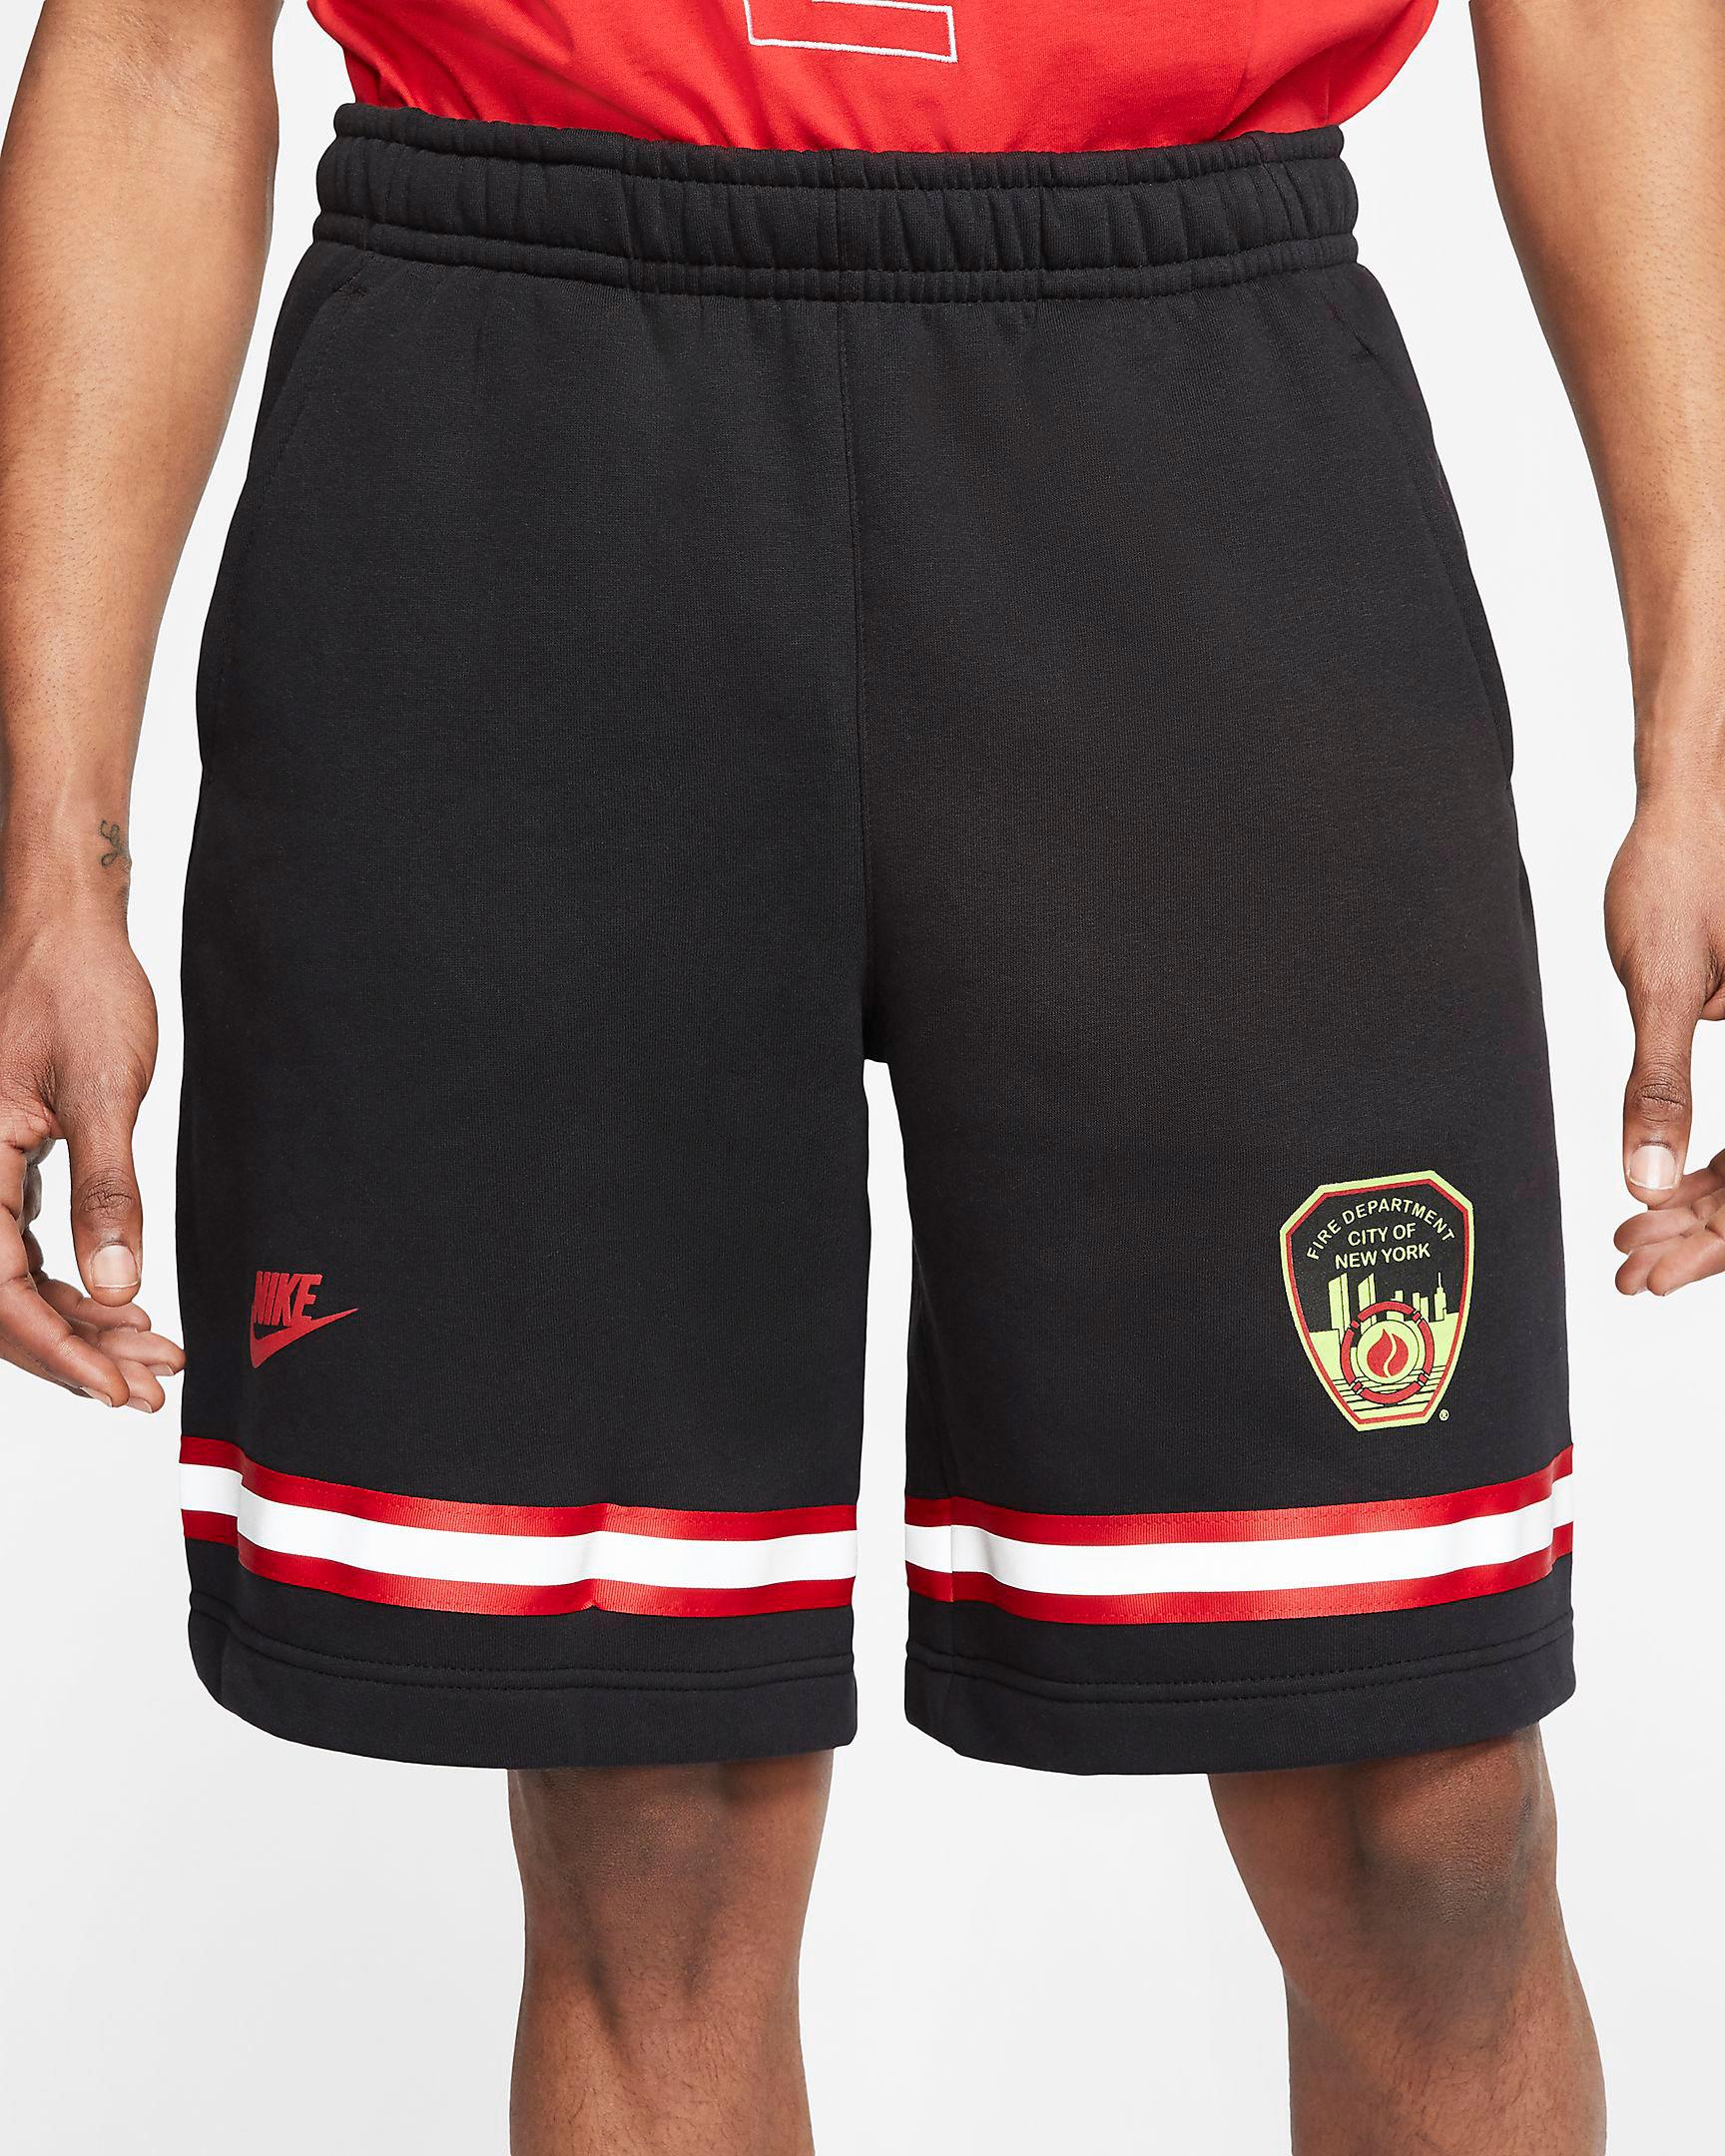 nike-air-max-90-fdny-shorts